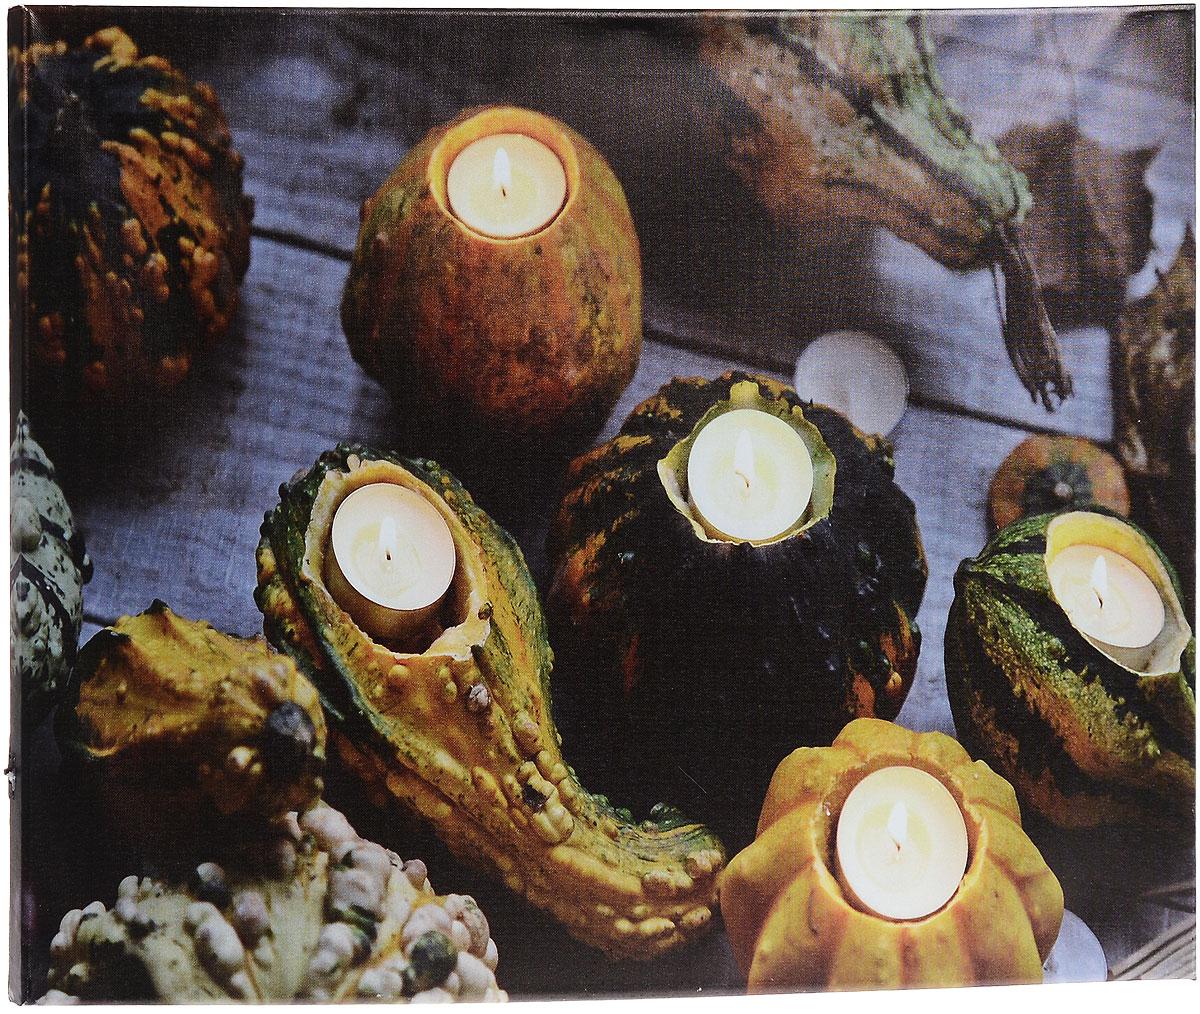 Картина MTH Свечи в тыкве, со светодиодами, 40 см х 60 смled4060-14Картина MTH Свечи в тыкве выполнена на основе из МДФ, обтянутой холстом. Изделие оснащено светодиодами. Их теплый мерцающий в темноте свет оживит ваш дом и добавит ему уюта. На картине изображены свечи в подсвечниках из тыкв. Благодаря светодиодной подсветке создается ощущение, что теплый свет, исходящий от свечей, действительно может согревать. С оборотной стороны картина оснащена специальным отверстием для подвешивания на стену. Необычная картина придаст интерьеру невероятного шарма и оригинальности. Рисунок успокаивает нервную систему, помогая расслабиться и отвлечься от повседневных забот. Подсветка работает от 2 батареек типа АА напряжением 1,5V (в комплект не входят).